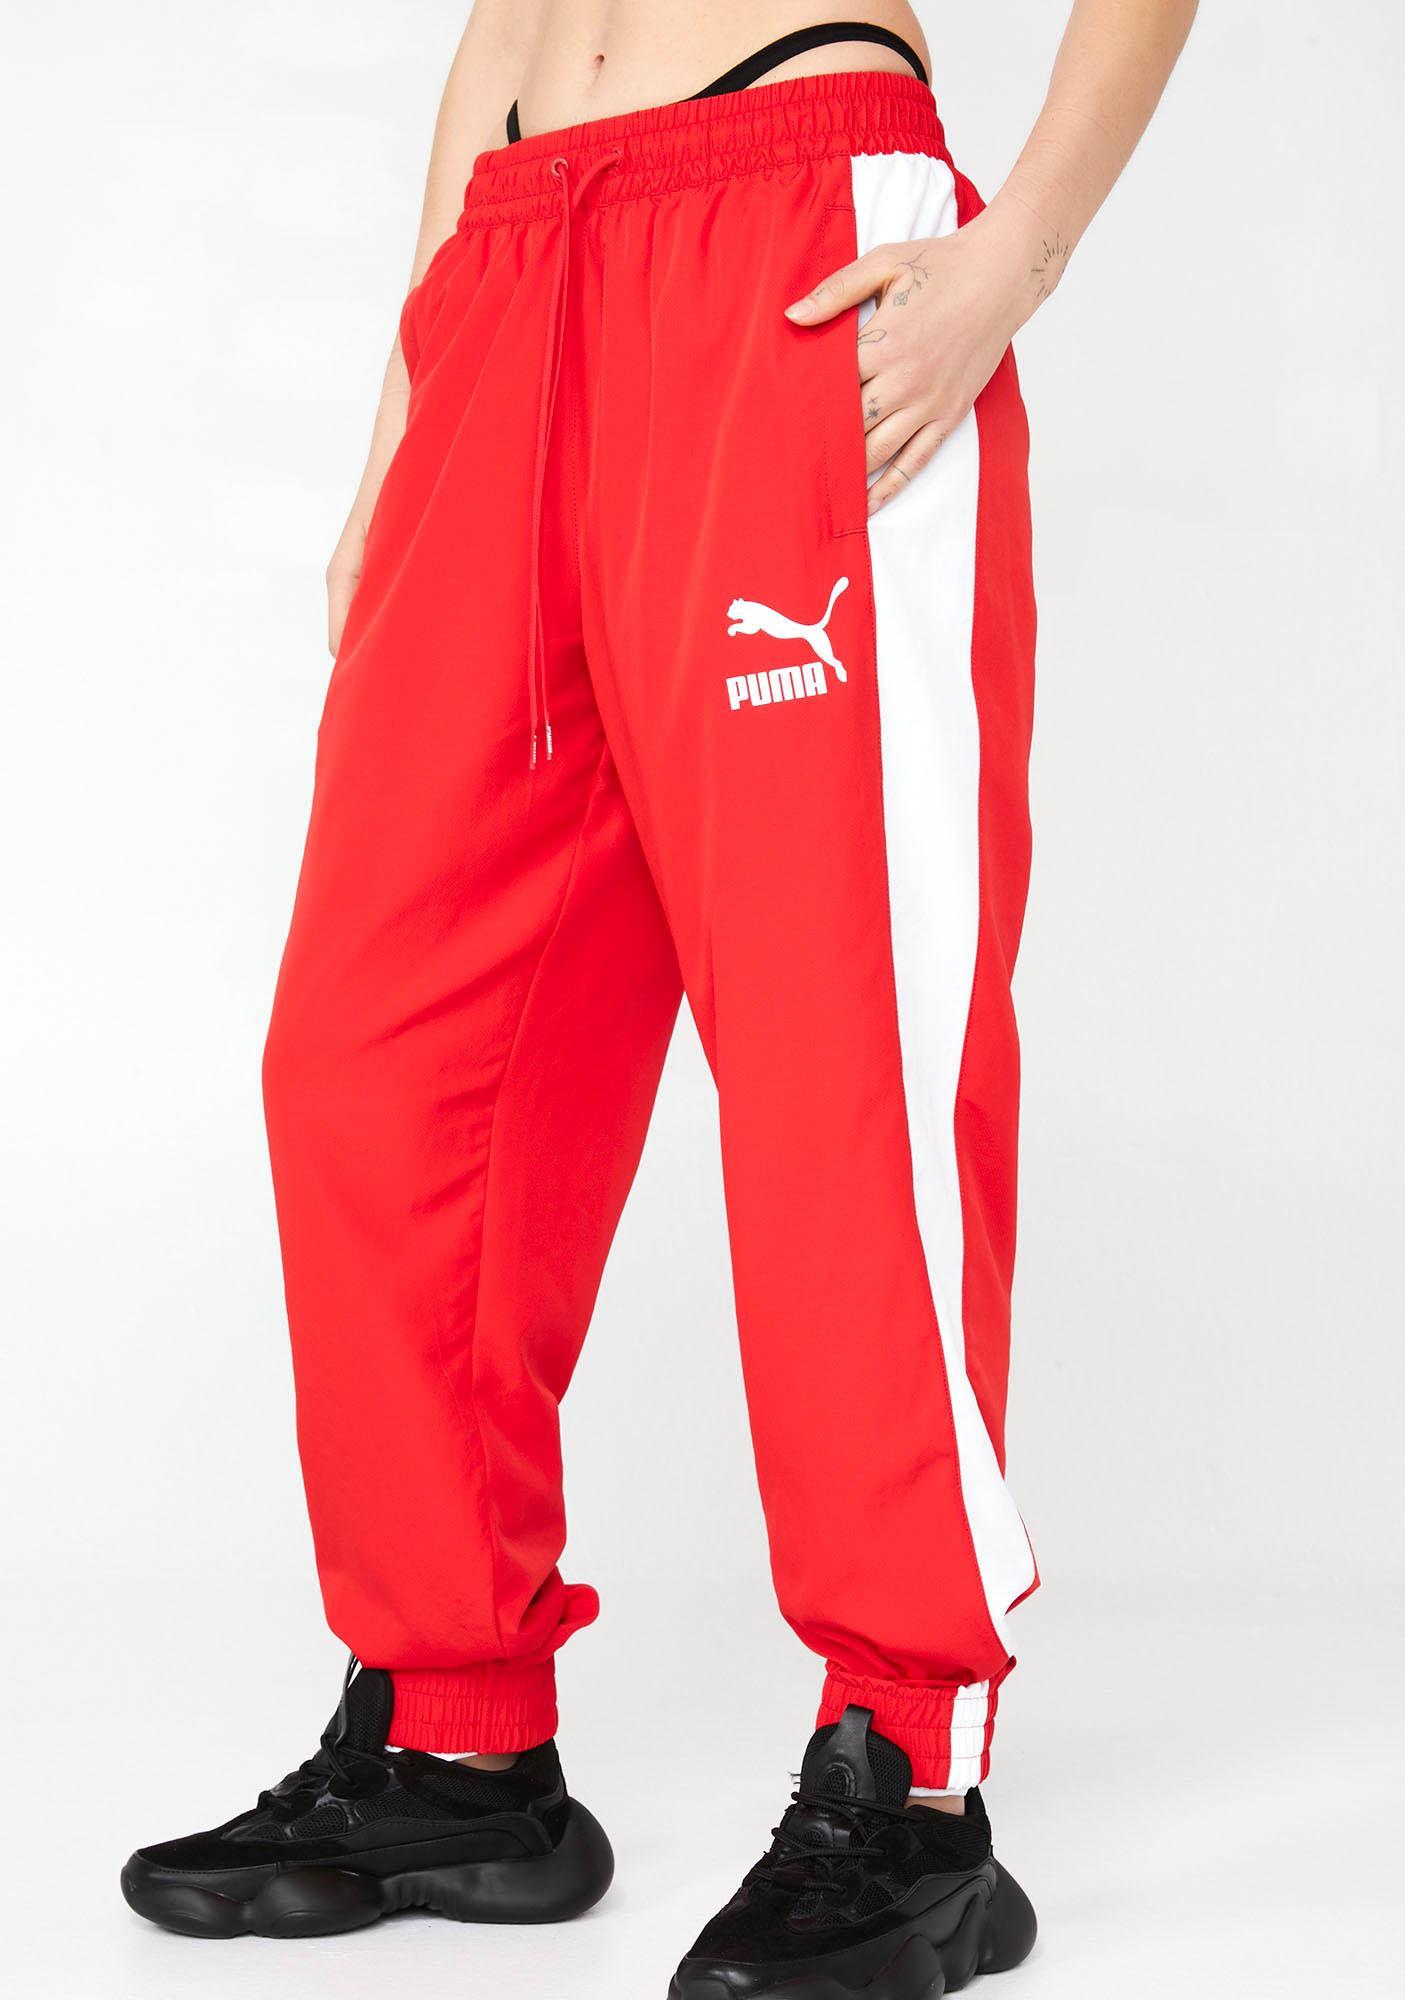 2ce7d31f3e1e PUMA Iconic T7 Woven Track Pants